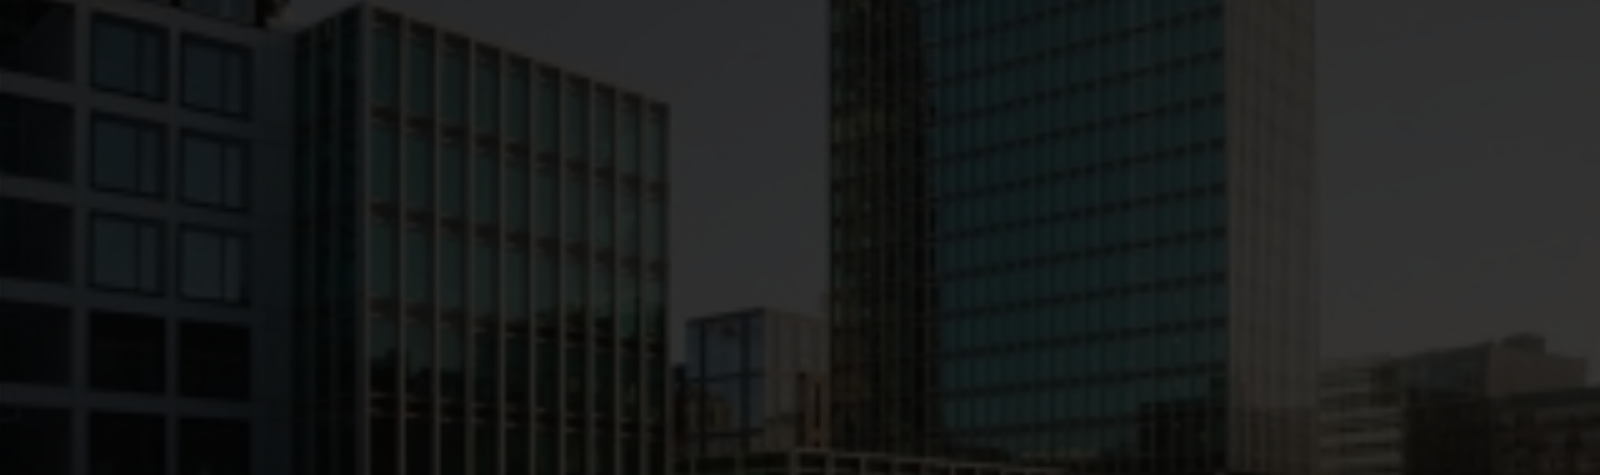 Hambourg : Union Investment acquiert le siège social de la compagnie maritime Hamburg Süd